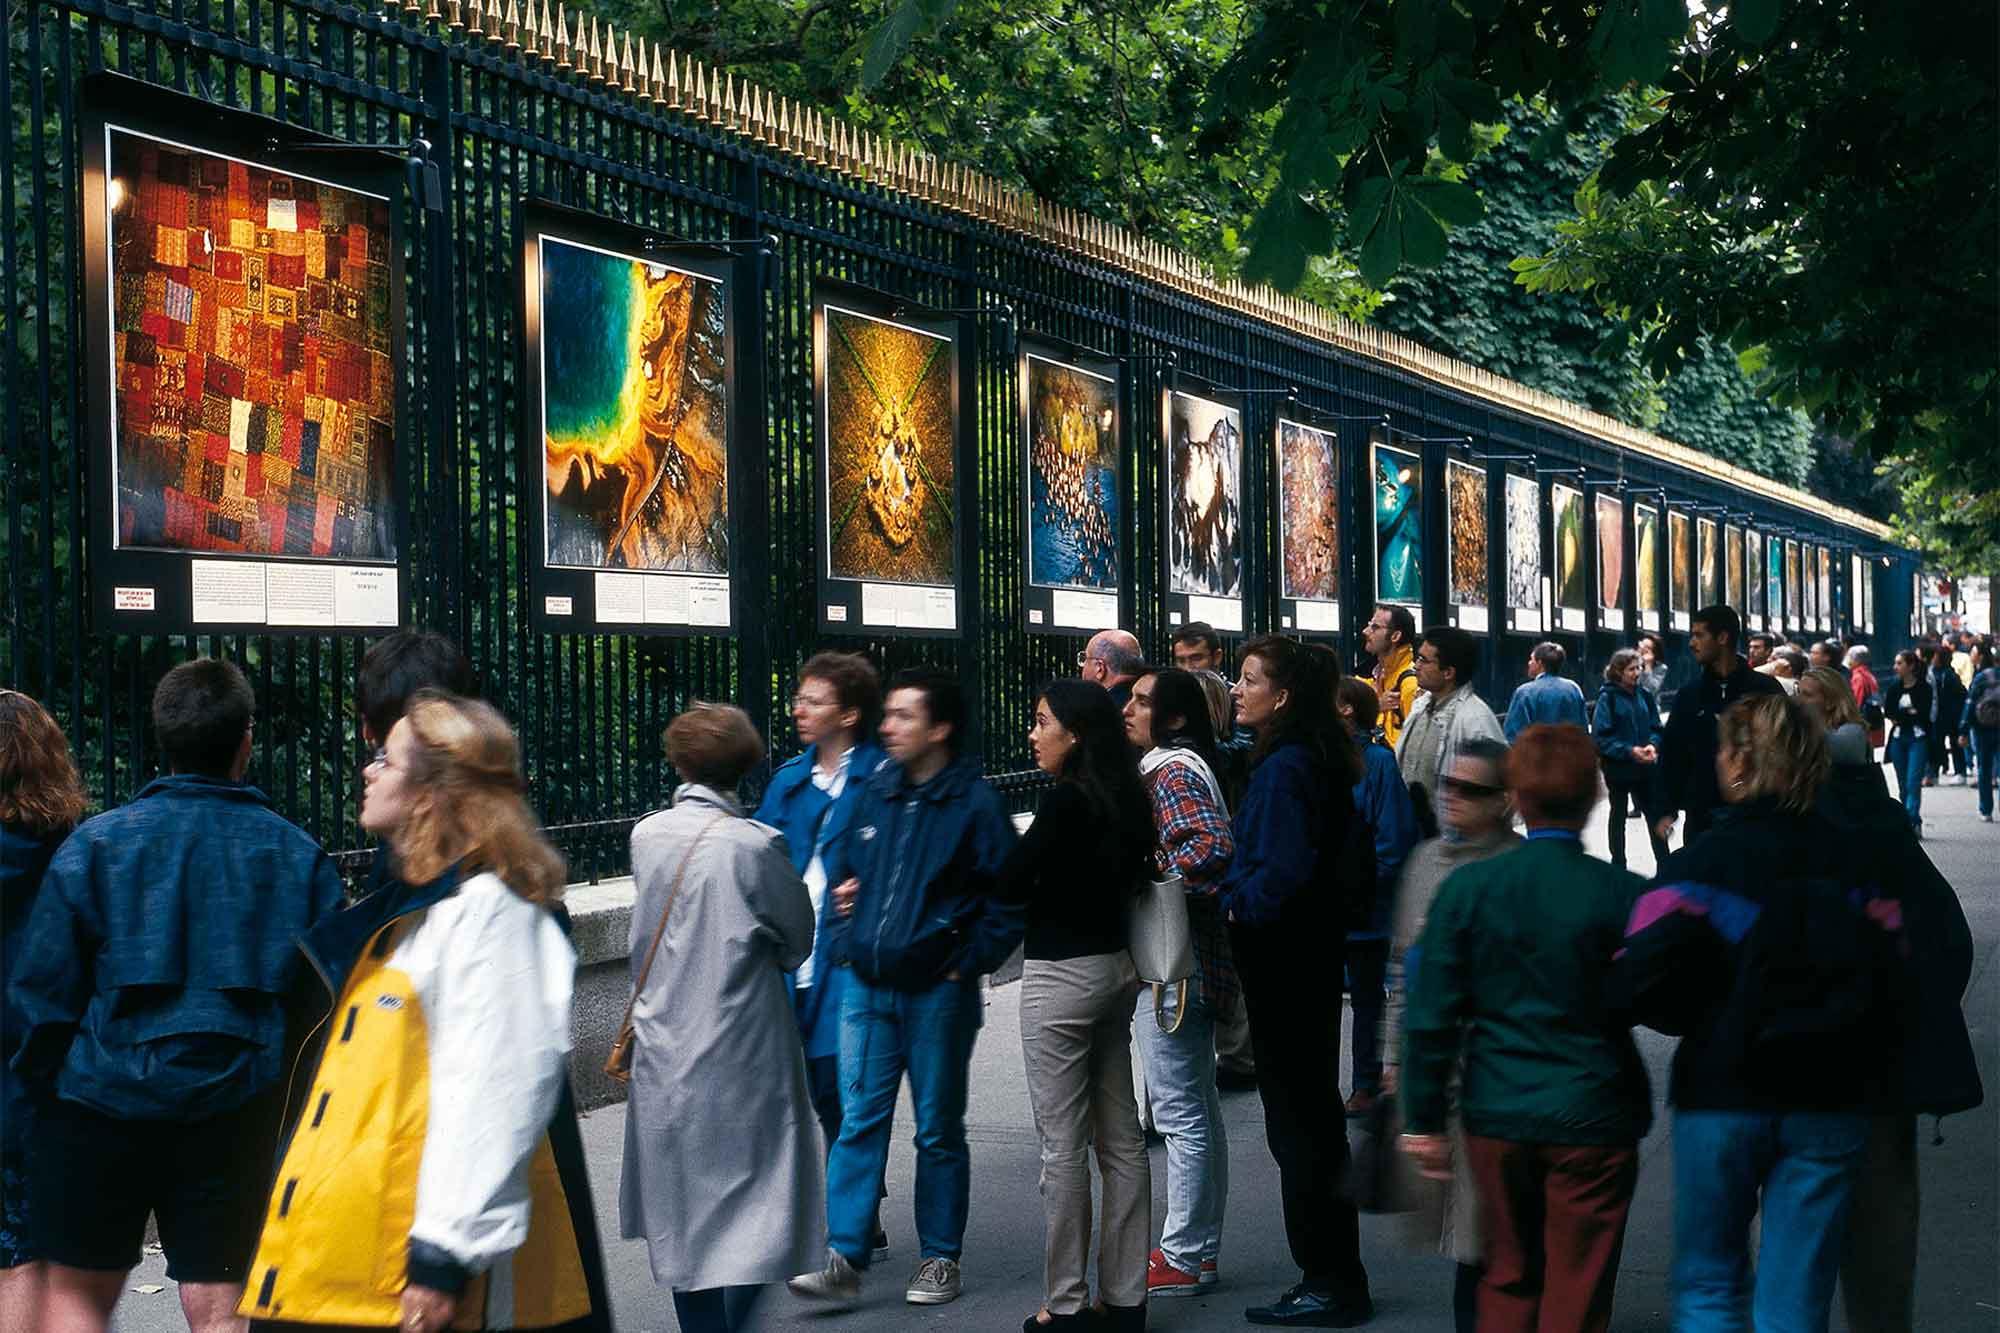 Yann Arthus-Bertrand Photo | Outdoor Exhibitions | Official tout Piscine Square Du Luxembourg